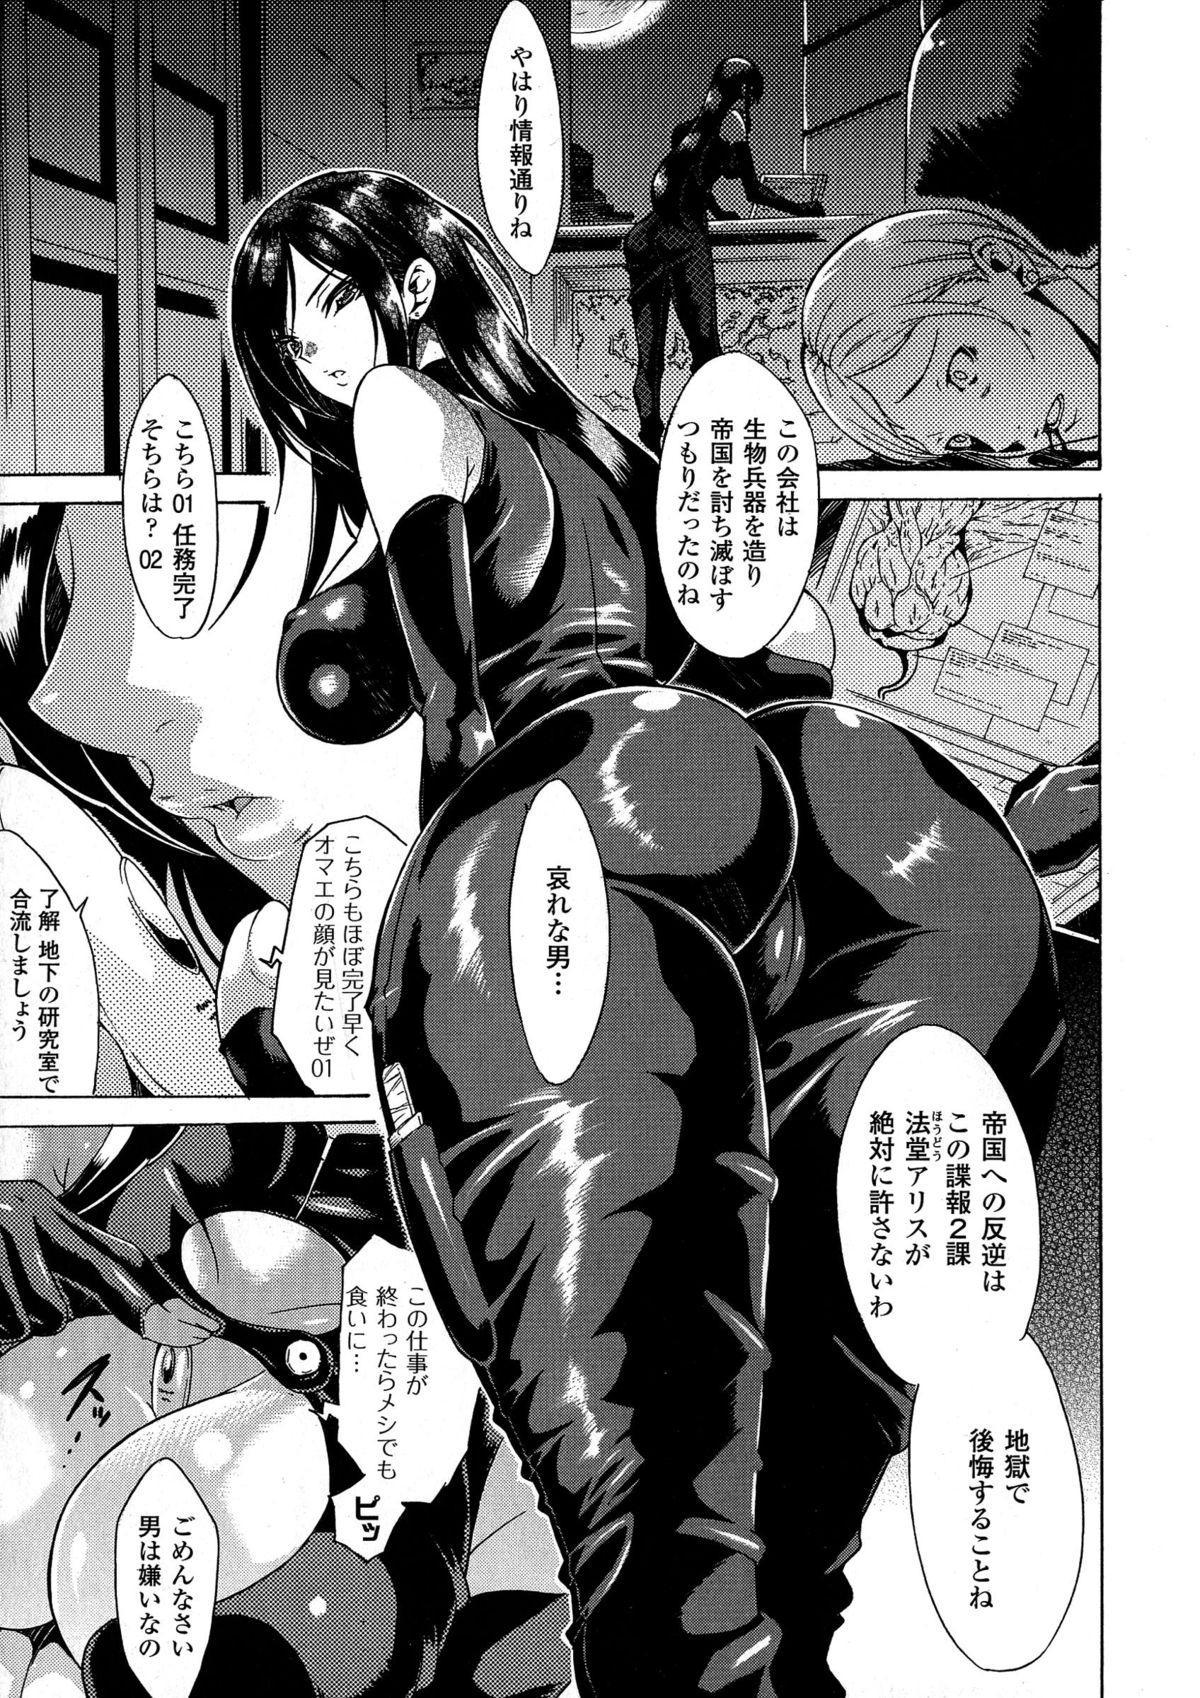 Kachiki na Onna ga Buzama na Ahegao o Sarasu made 4